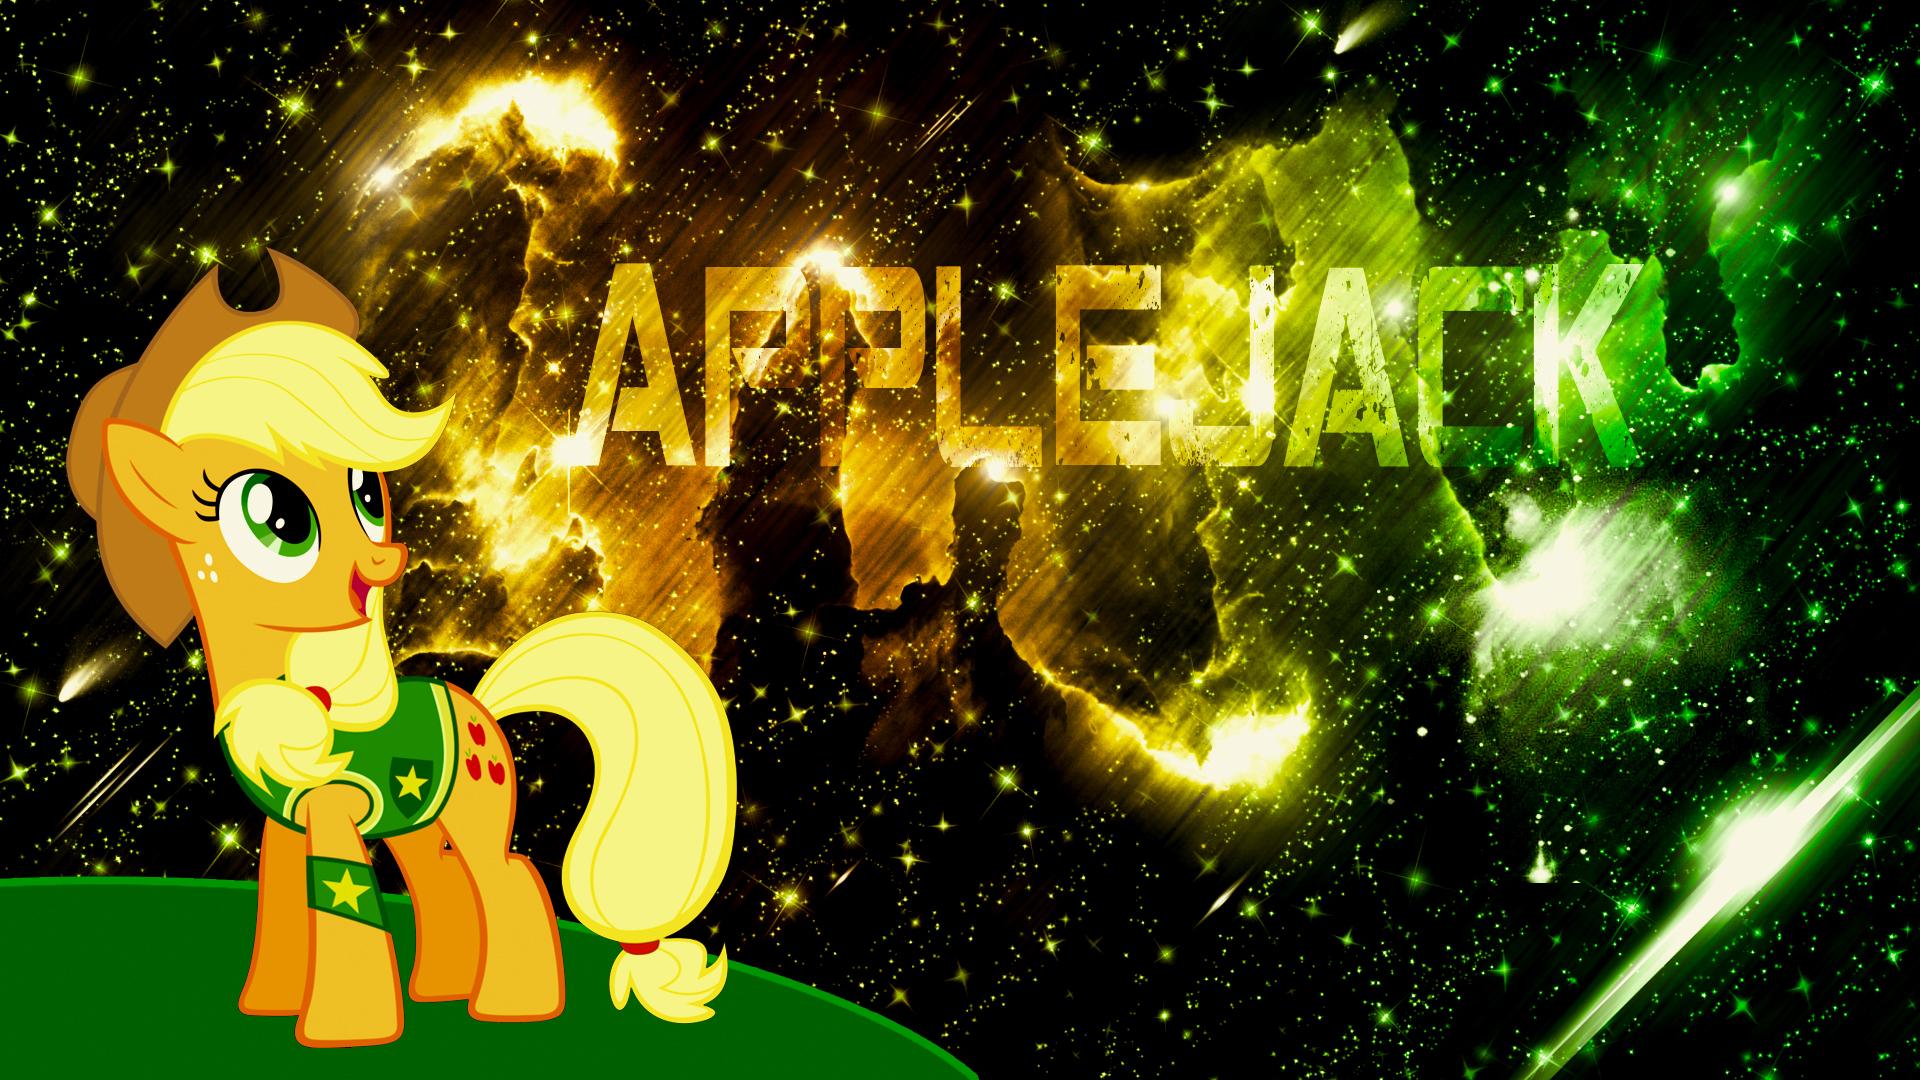 Applejack (Wallpaper) by Hardii